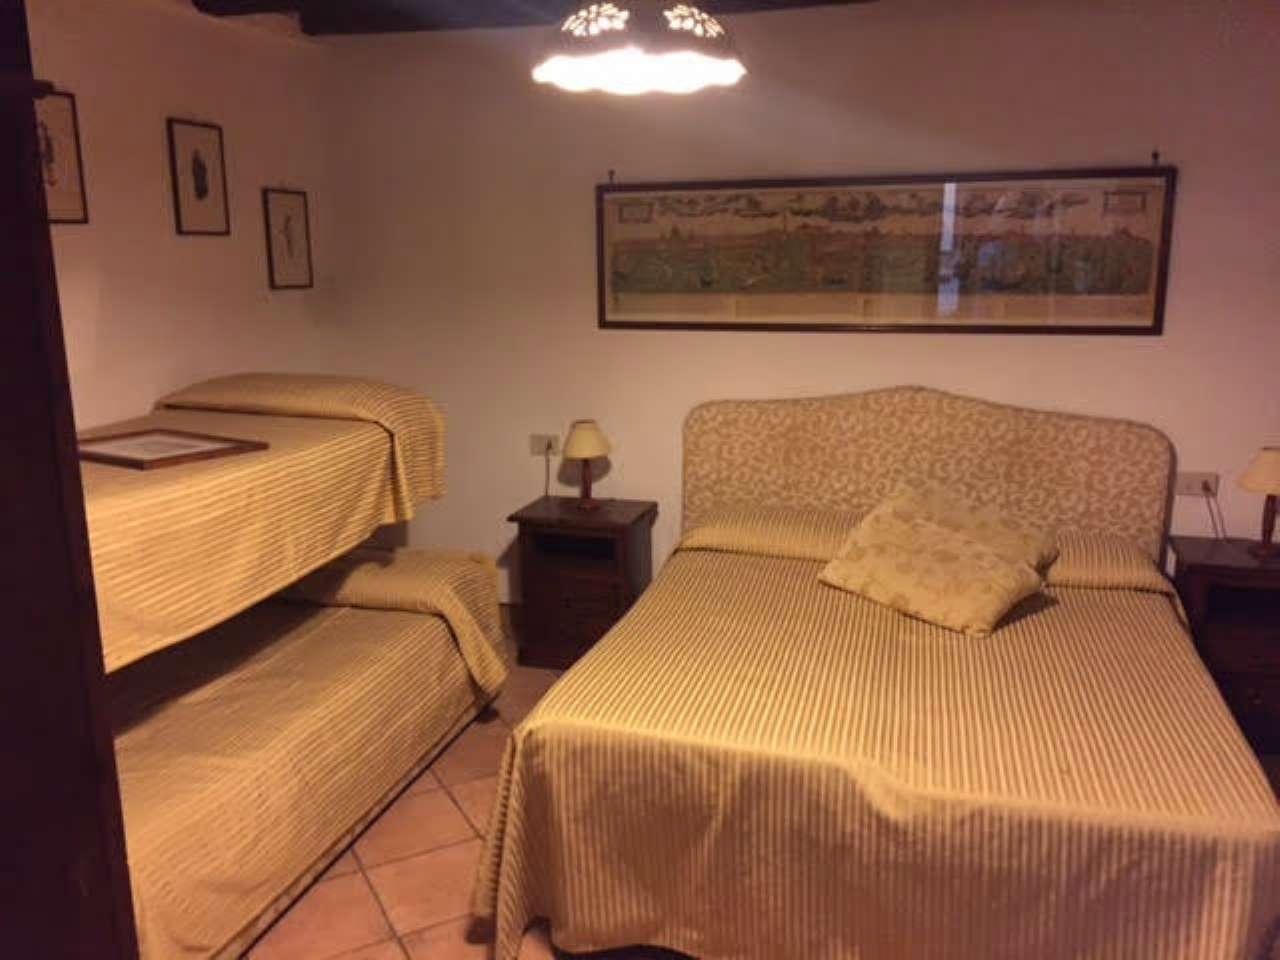 Appartamento in vendita a Venezia, 9999 locali, zona Zona: 3 . Cannaregio, Trattative riservate   CambioCasa.it